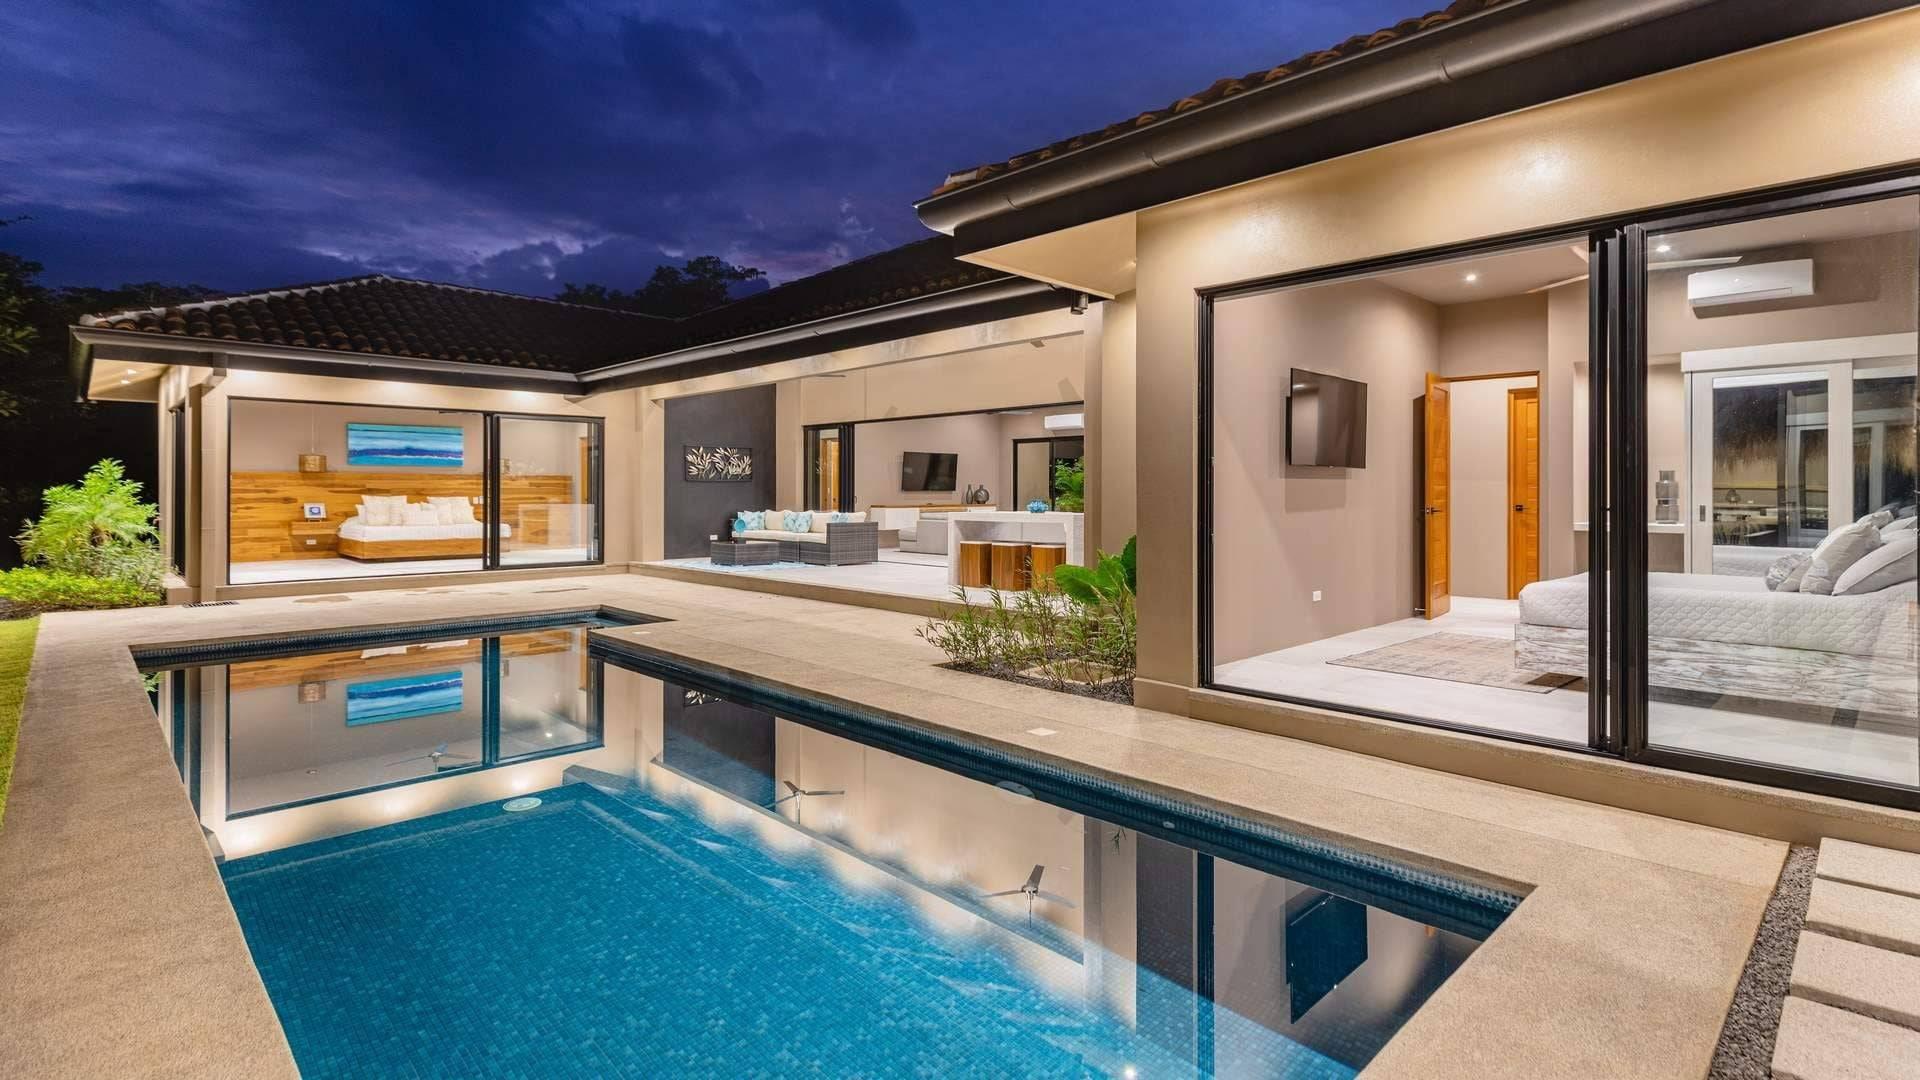 Casa Manzu- Modern Tropical in Beachfront Gated Community